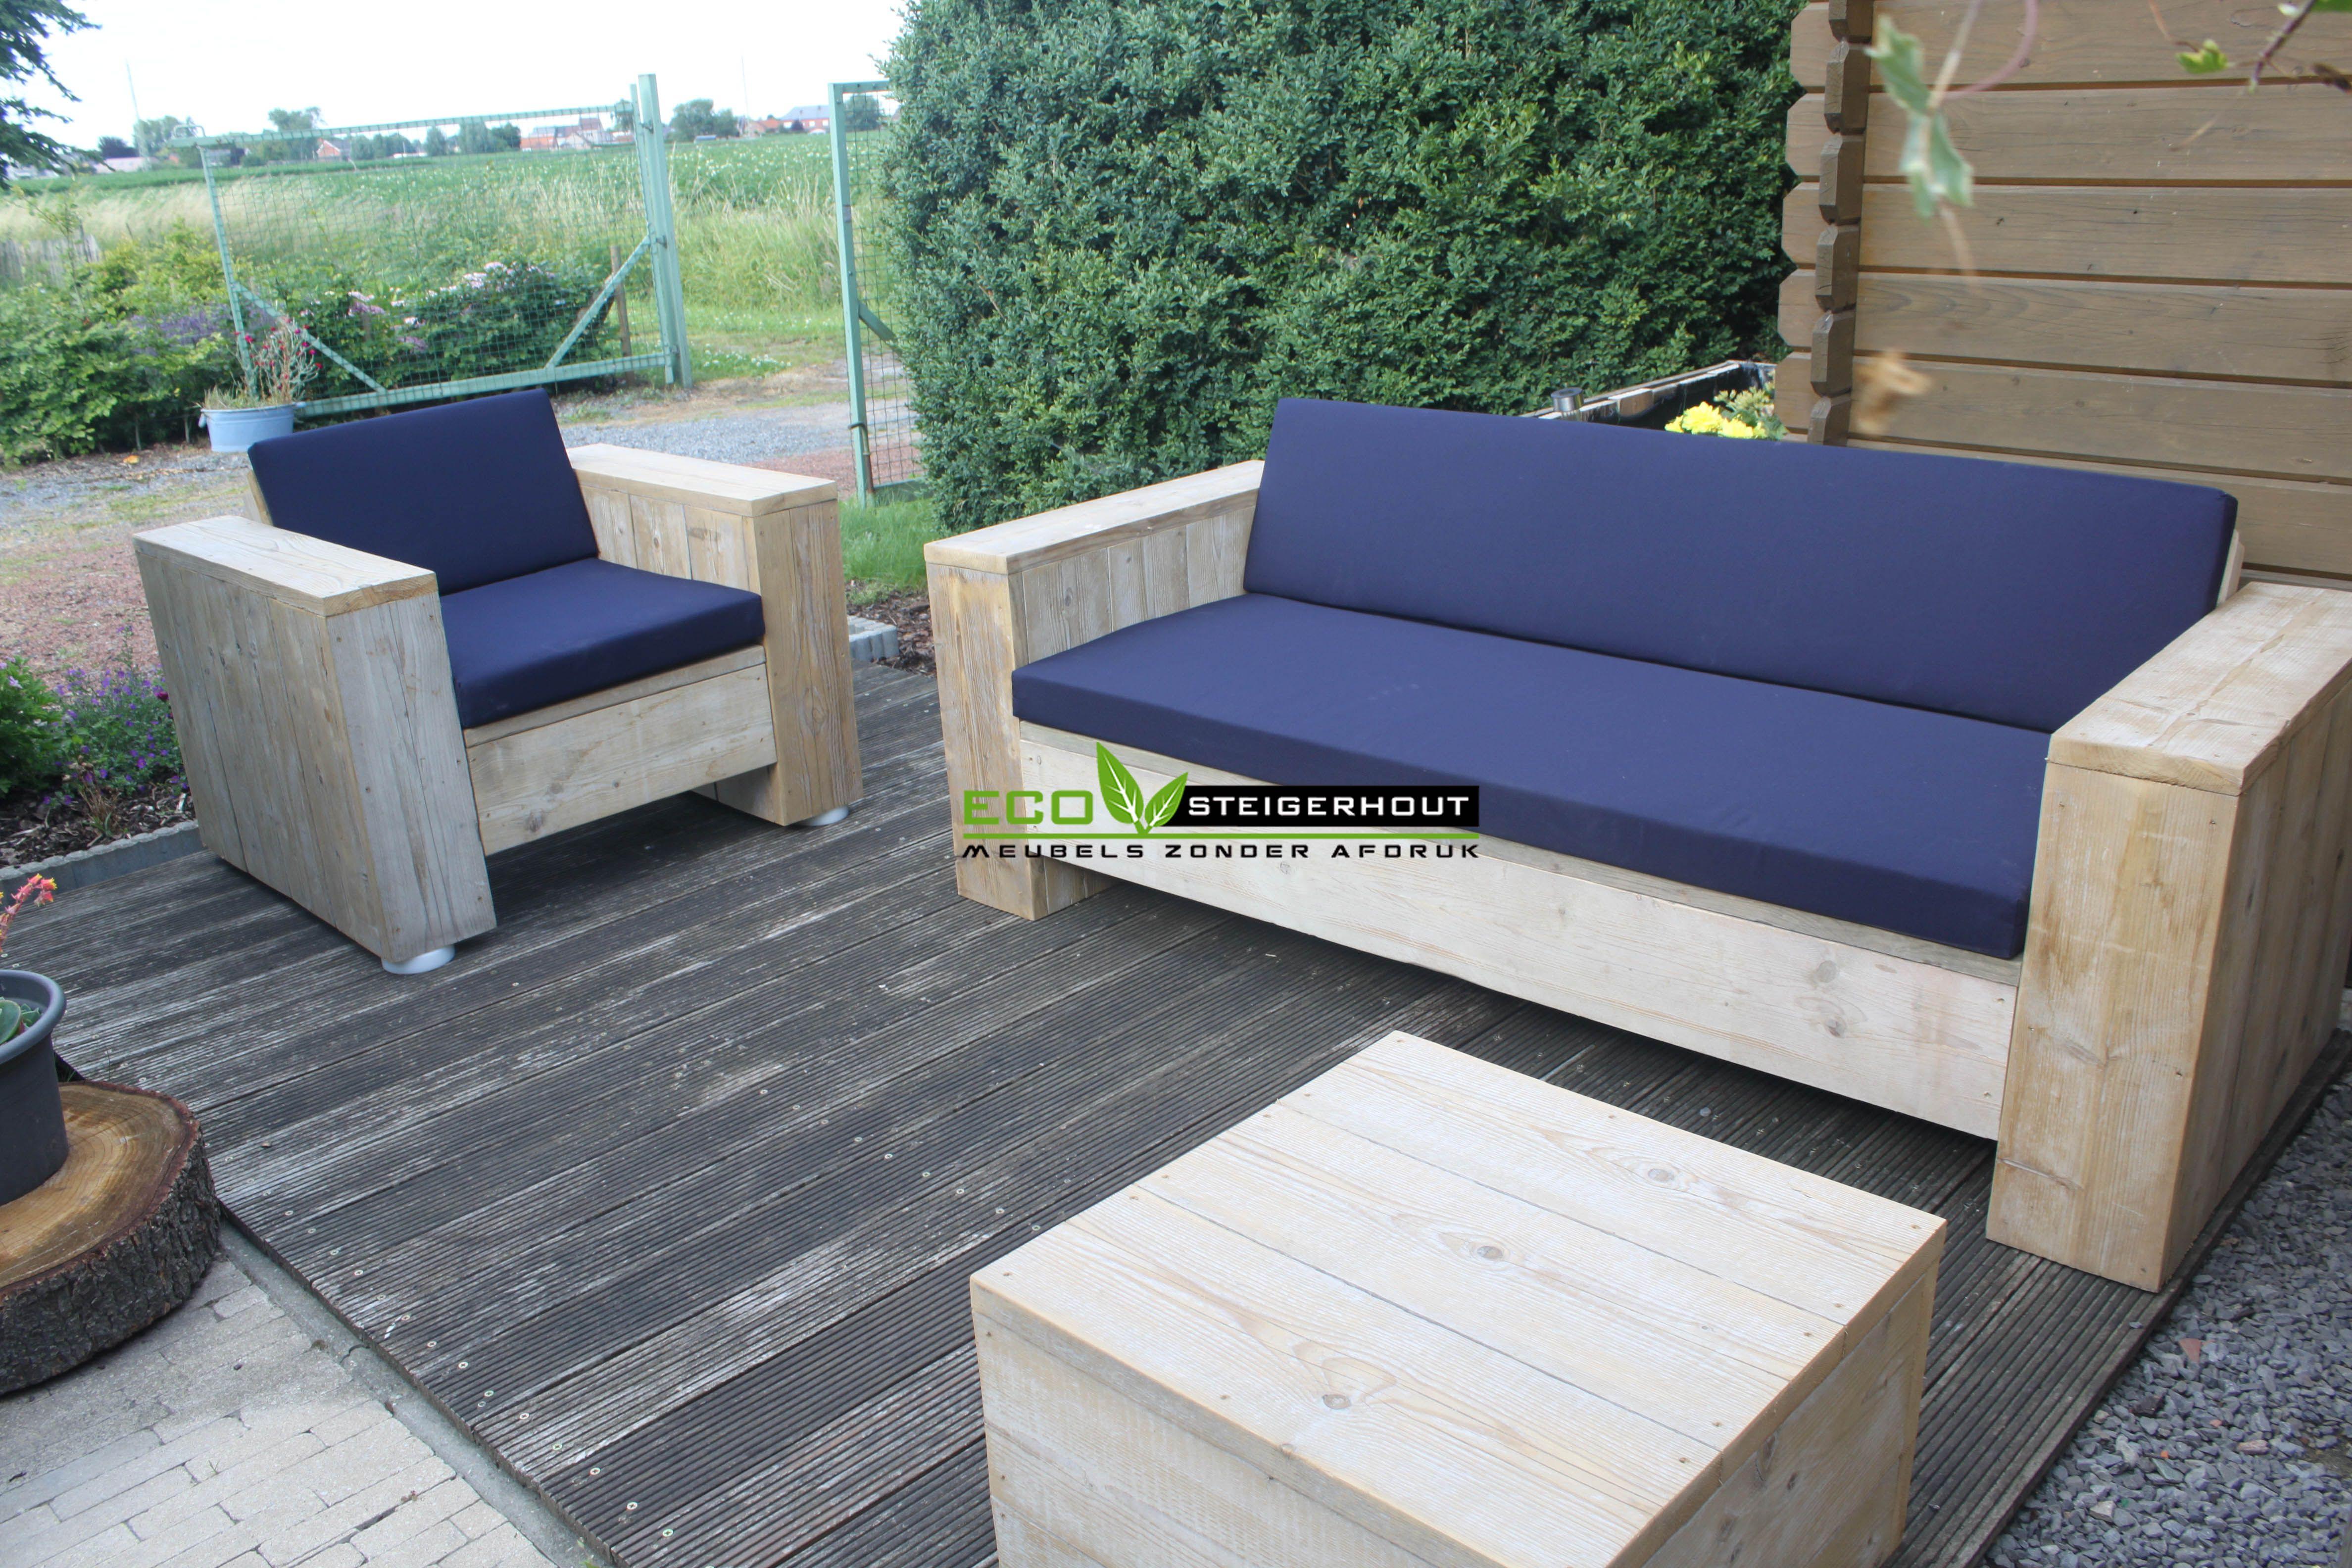 All Weather Kussens : Steigerhouten loungeset nevis! gemaakt van onbehandeld oud